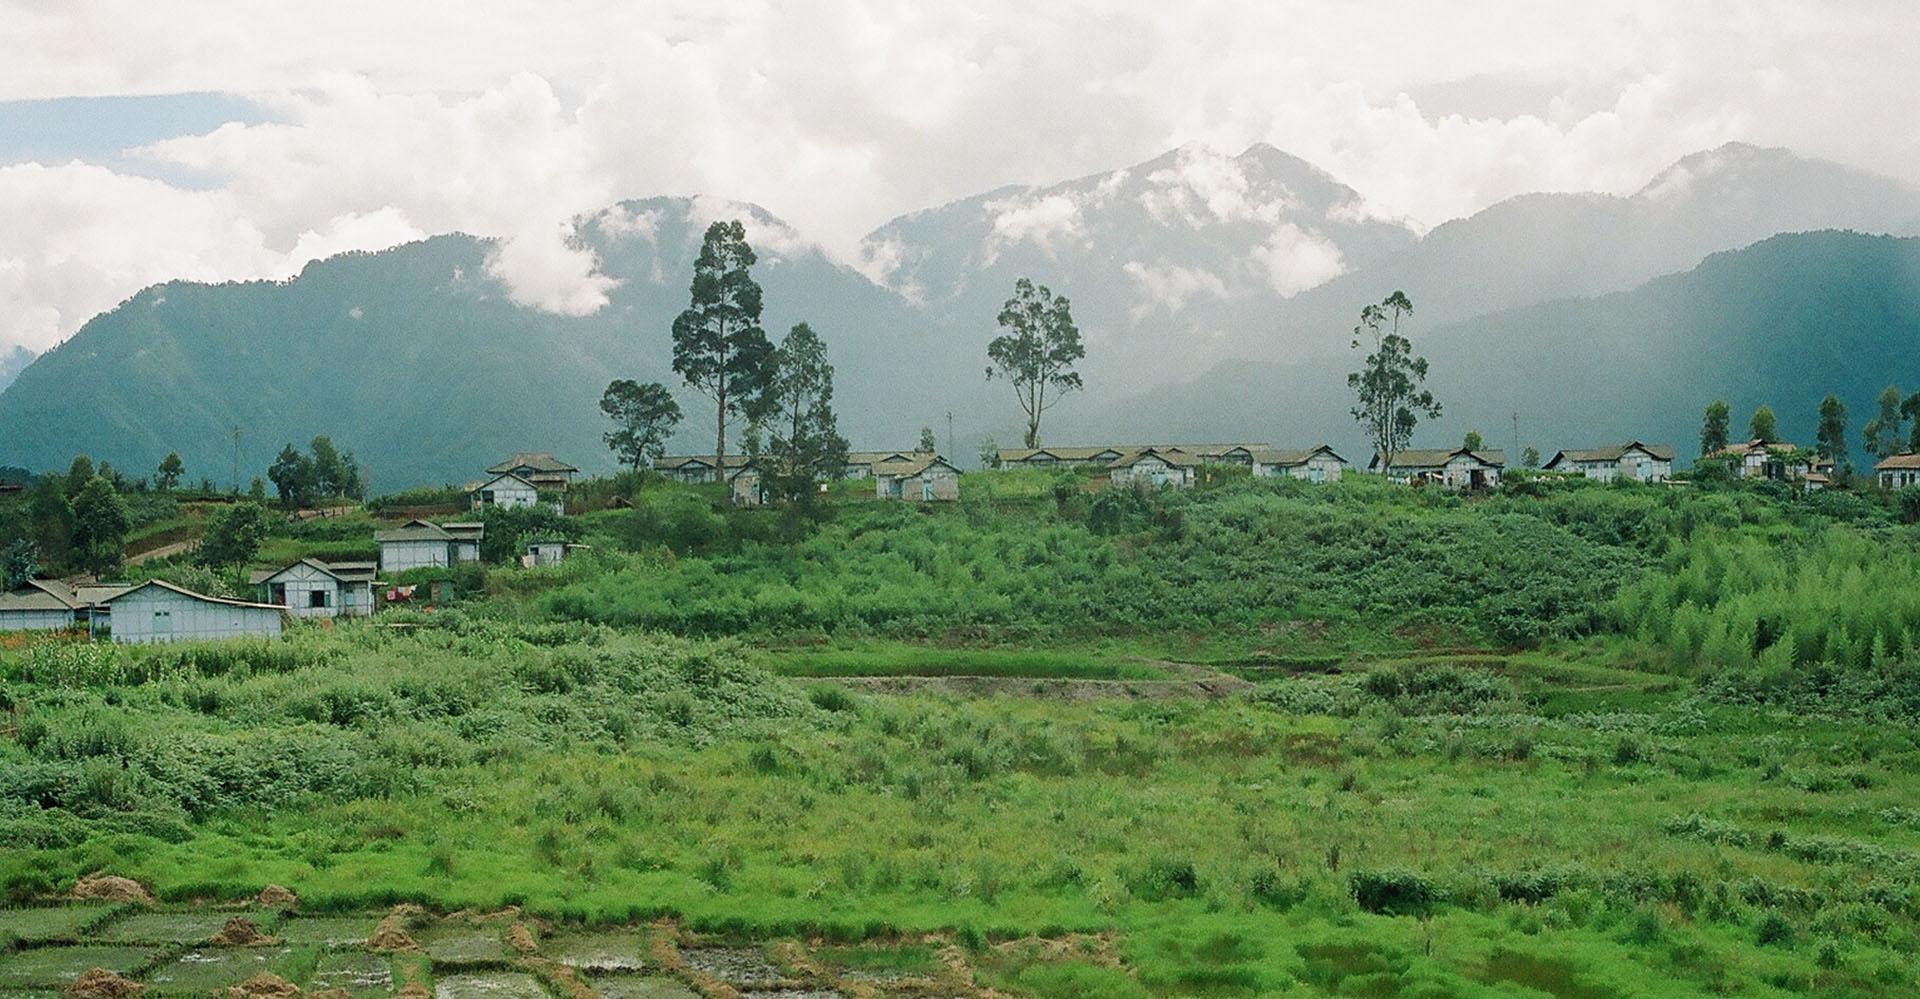 Remote Valleys of Arunachal